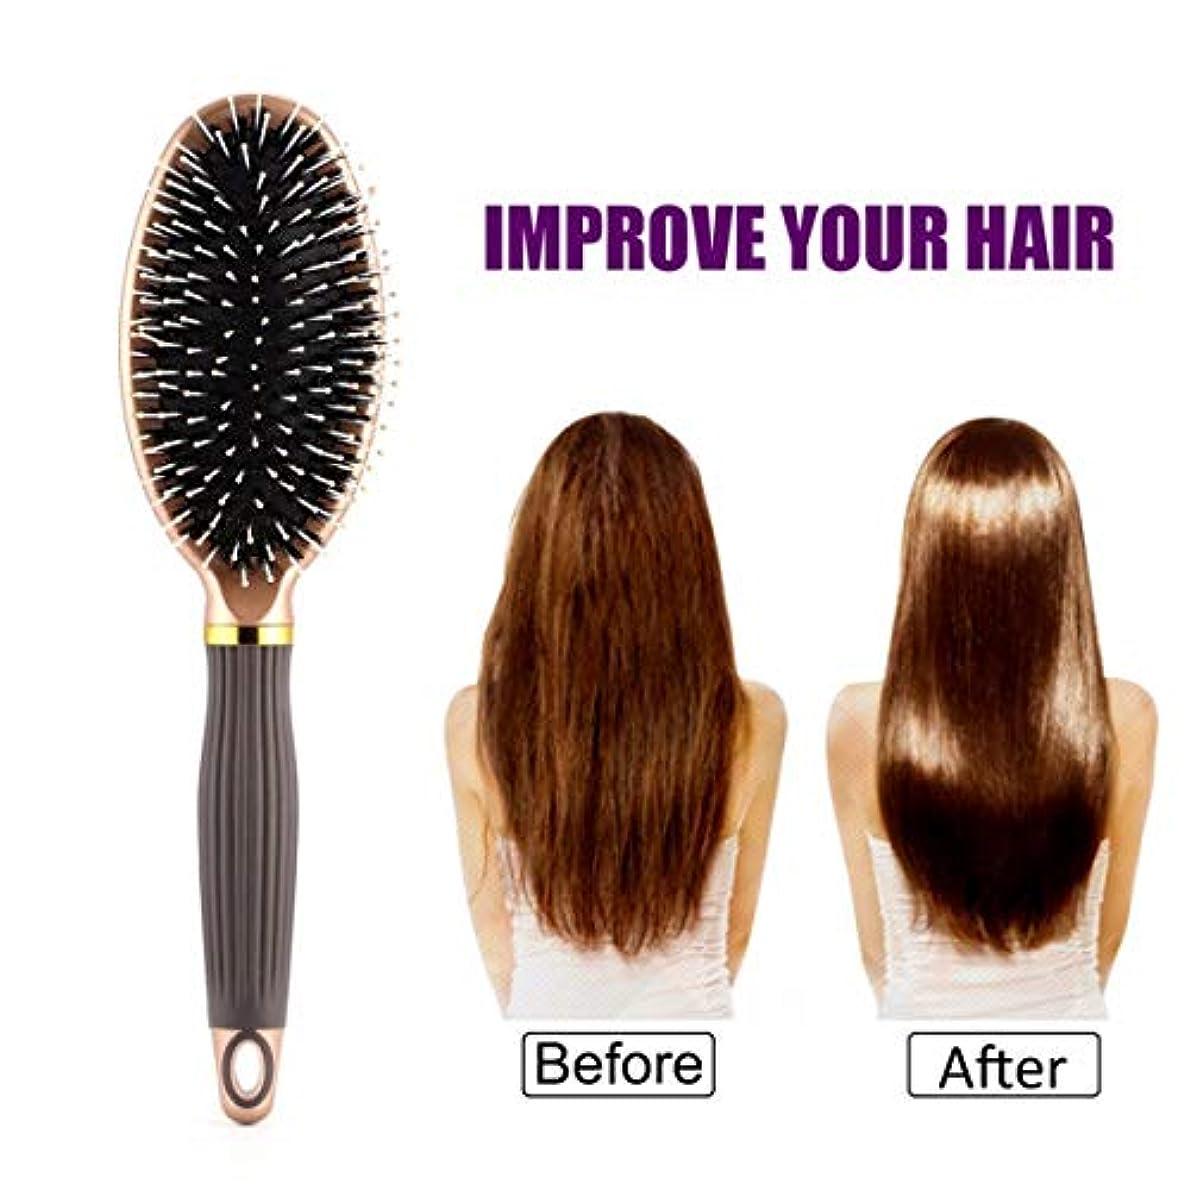 から聞く百科事典影響力のある女性の男性ヘア頭皮マッサージ櫛毛 & ナイロンヘアブラシウェットカーリーコンディショナーヘアブラシサロン理髪スタイリングツール